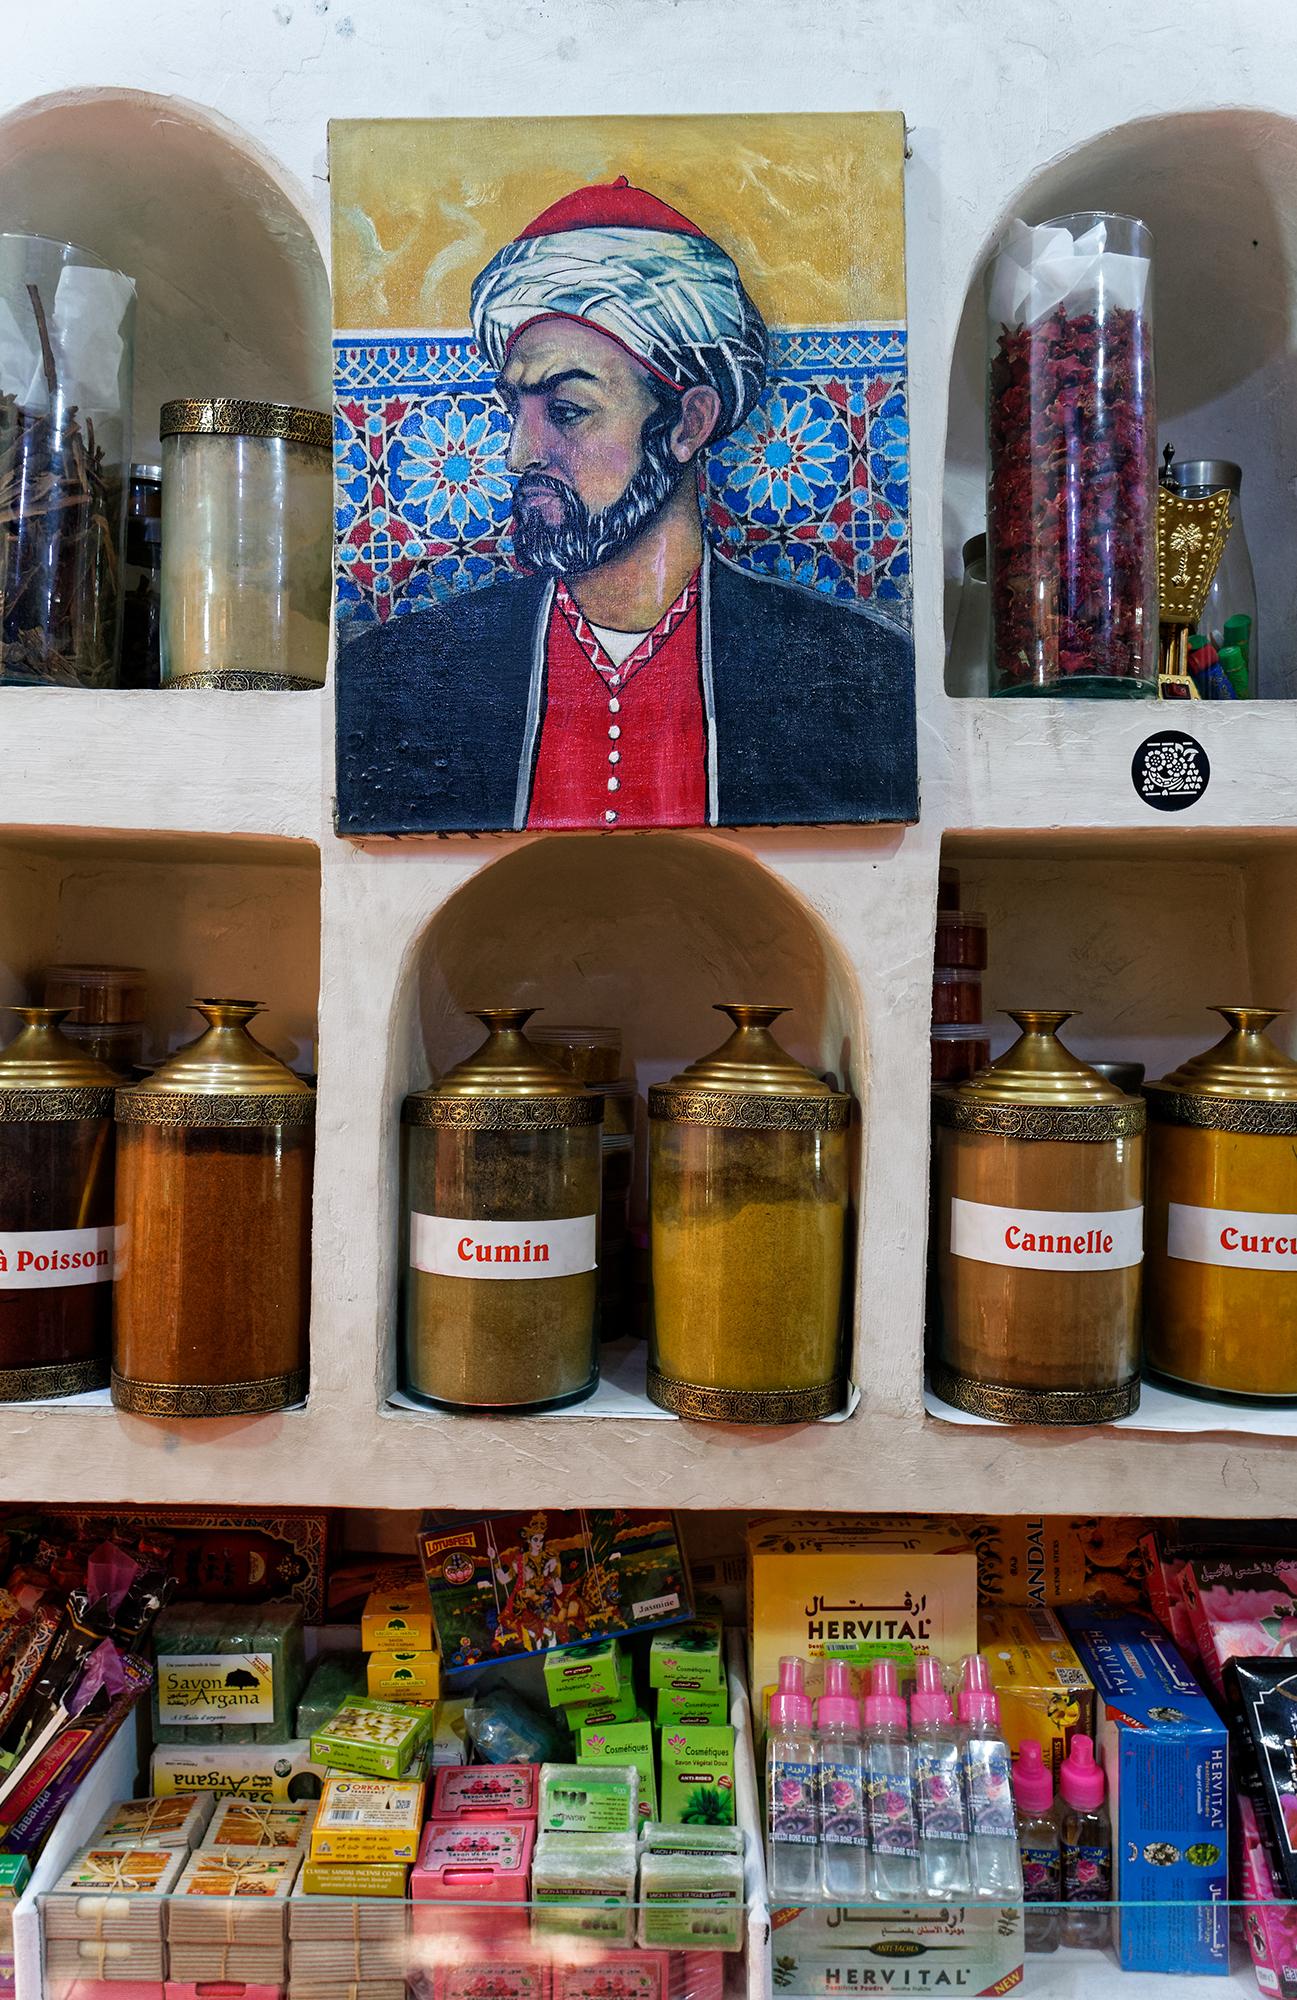 Sur la trace des plantes médicinales 3 (Mediterranean Citizens Story).jpg